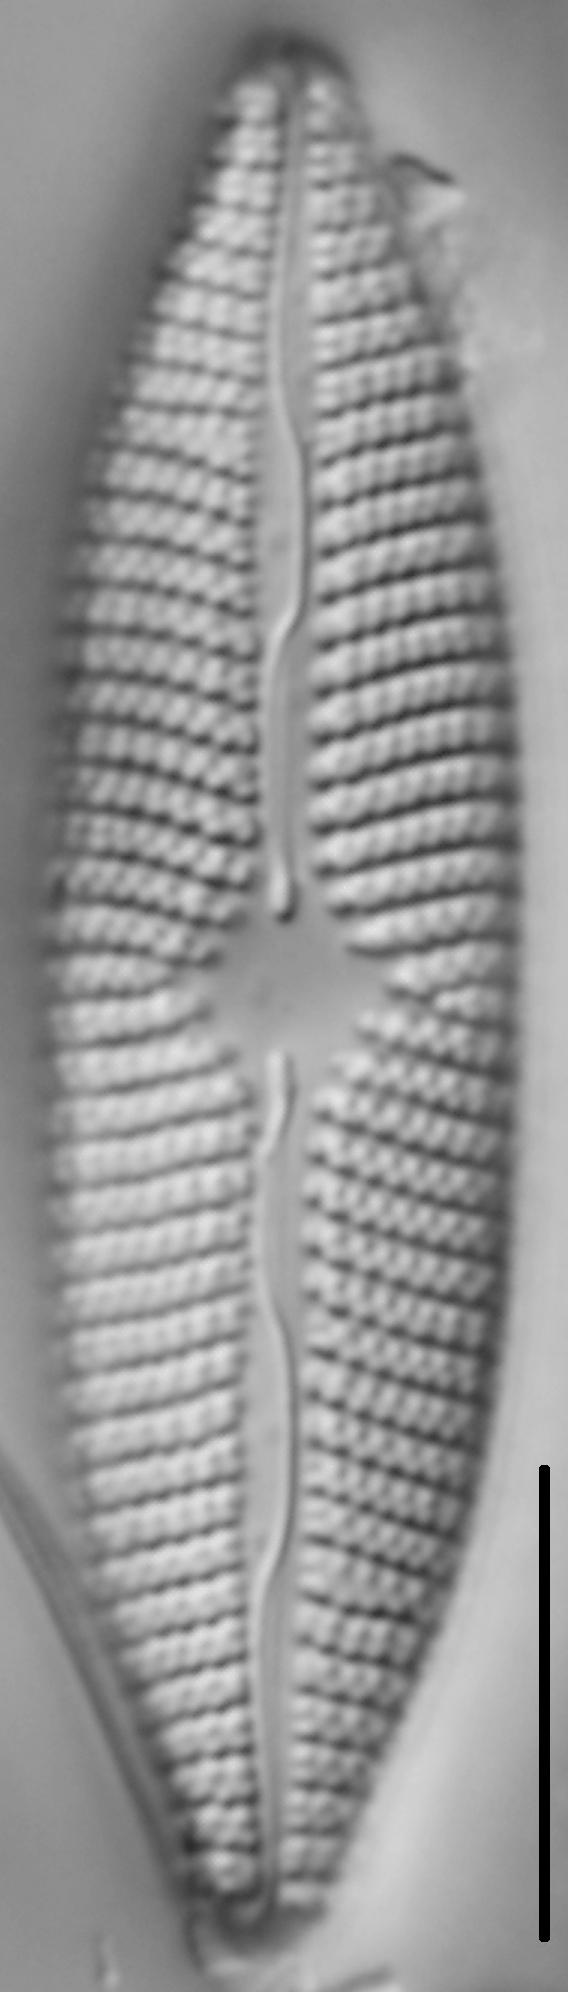 Mastogloia grevillei LM4